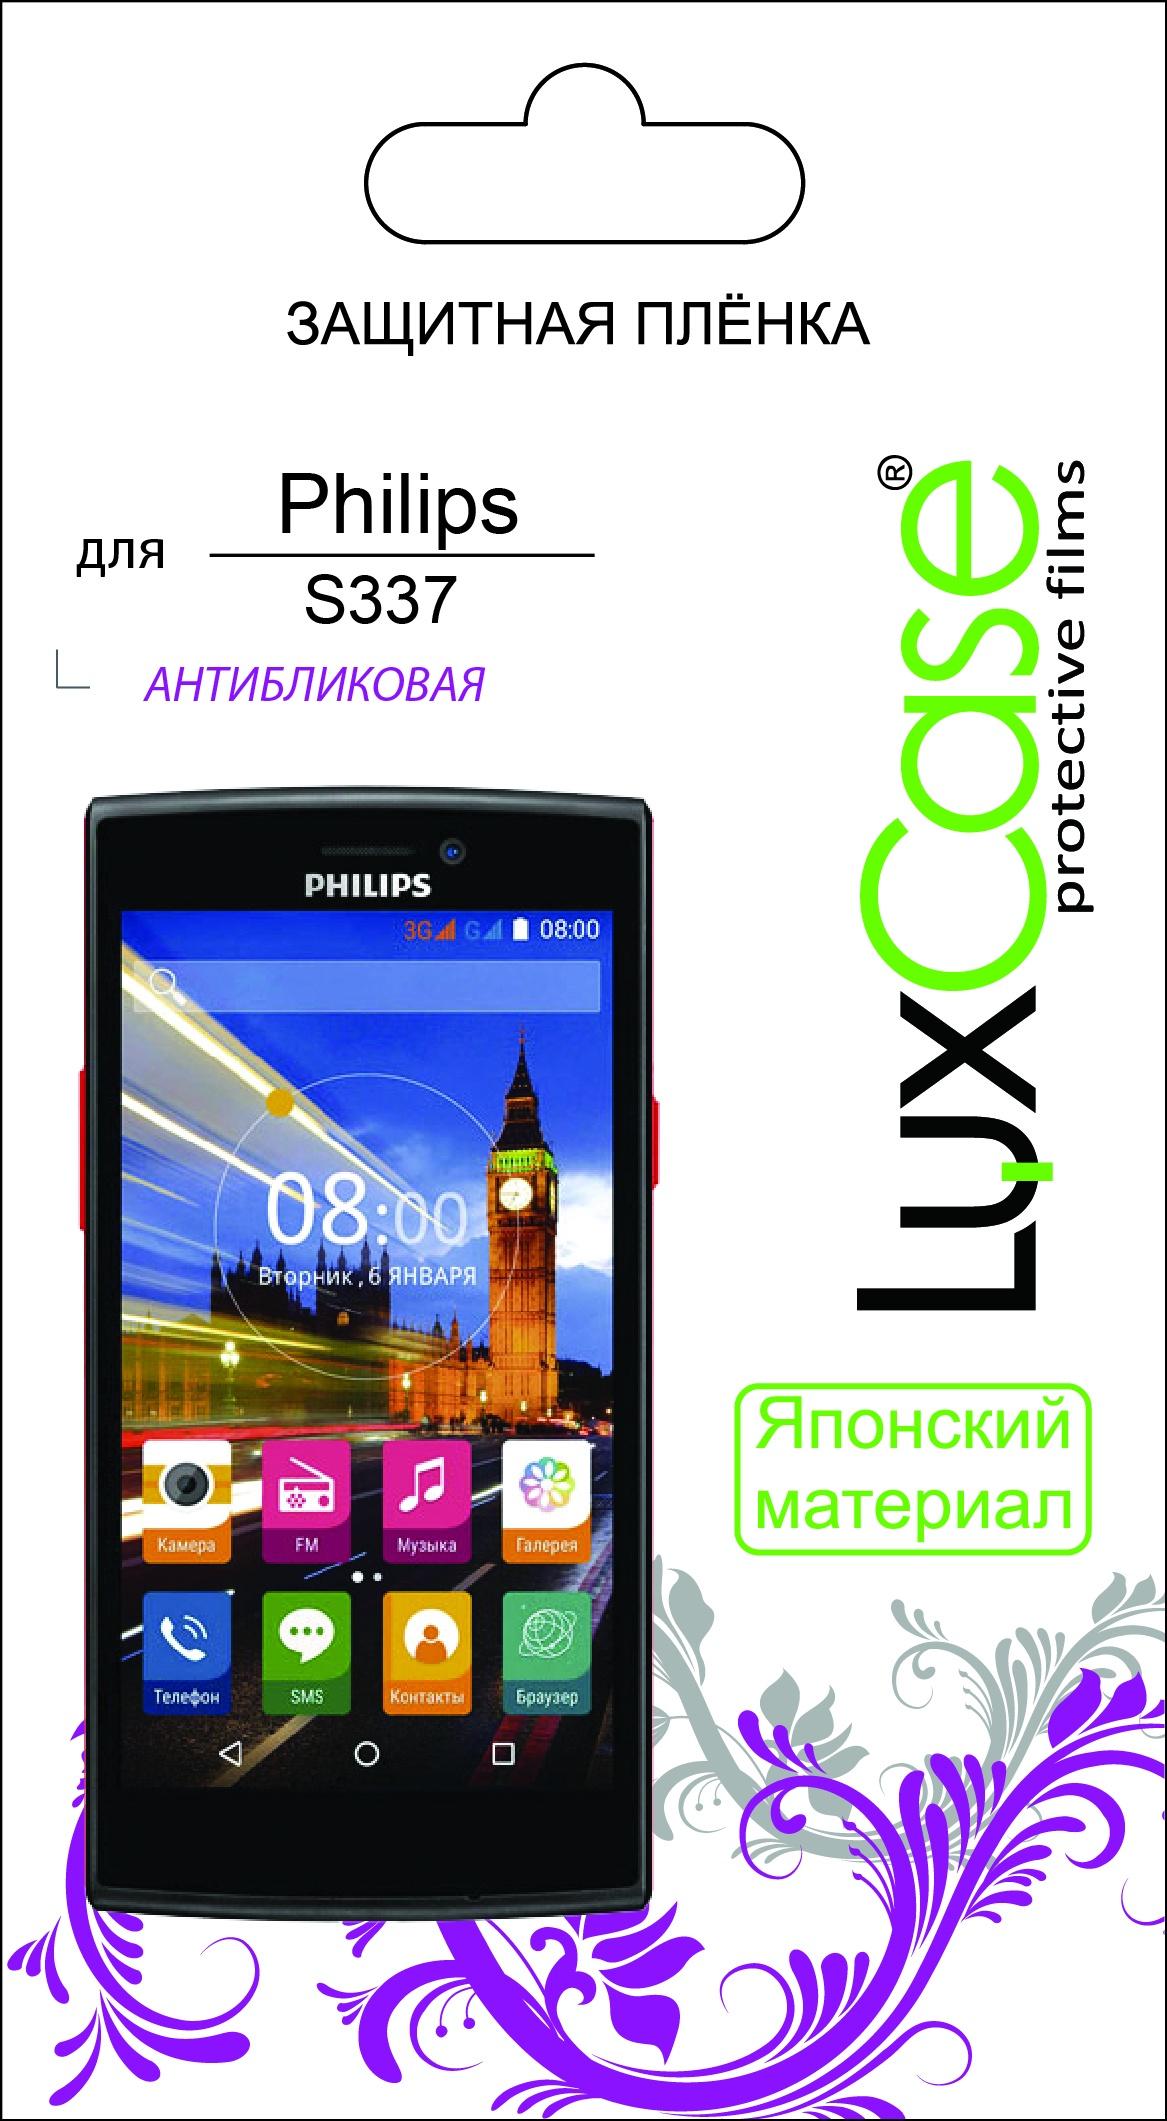 Пленка Philips S337 / антибликовая s337